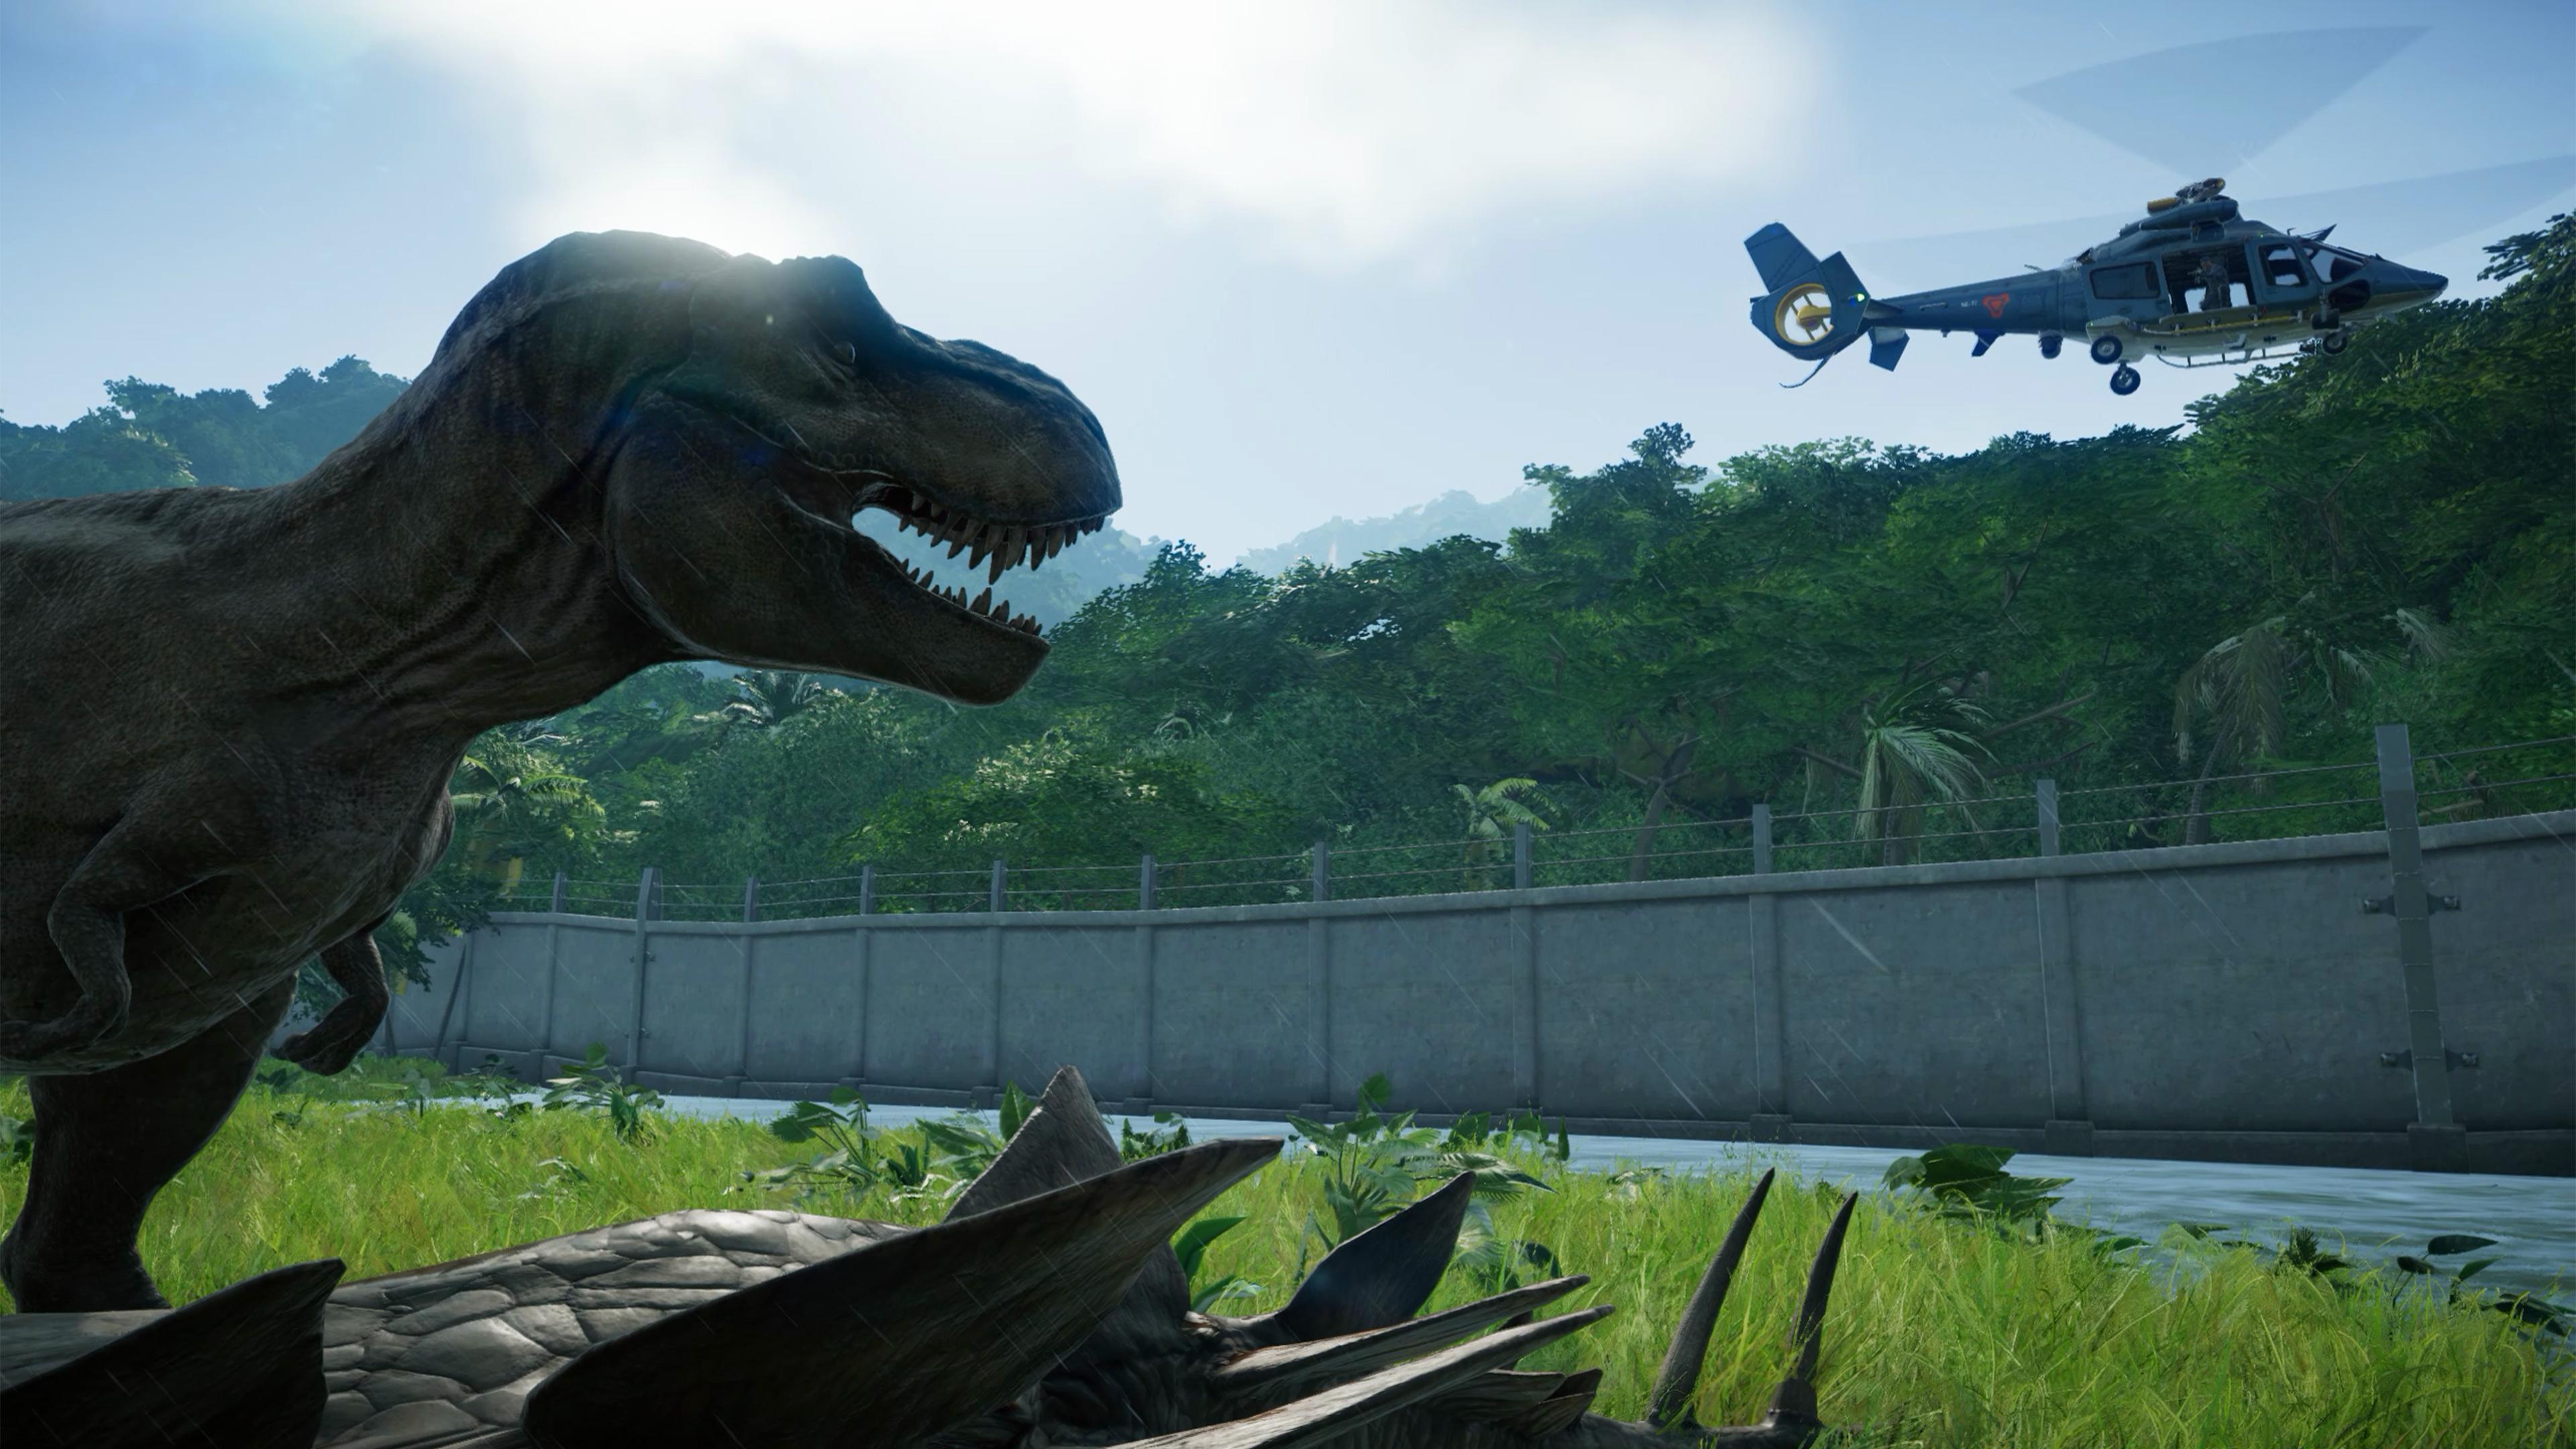 เปิดเผยสเปคเครื่องและการตั้งค่ากราฟิกบนพีซี สำหรับเกม Jurassic World Evolution